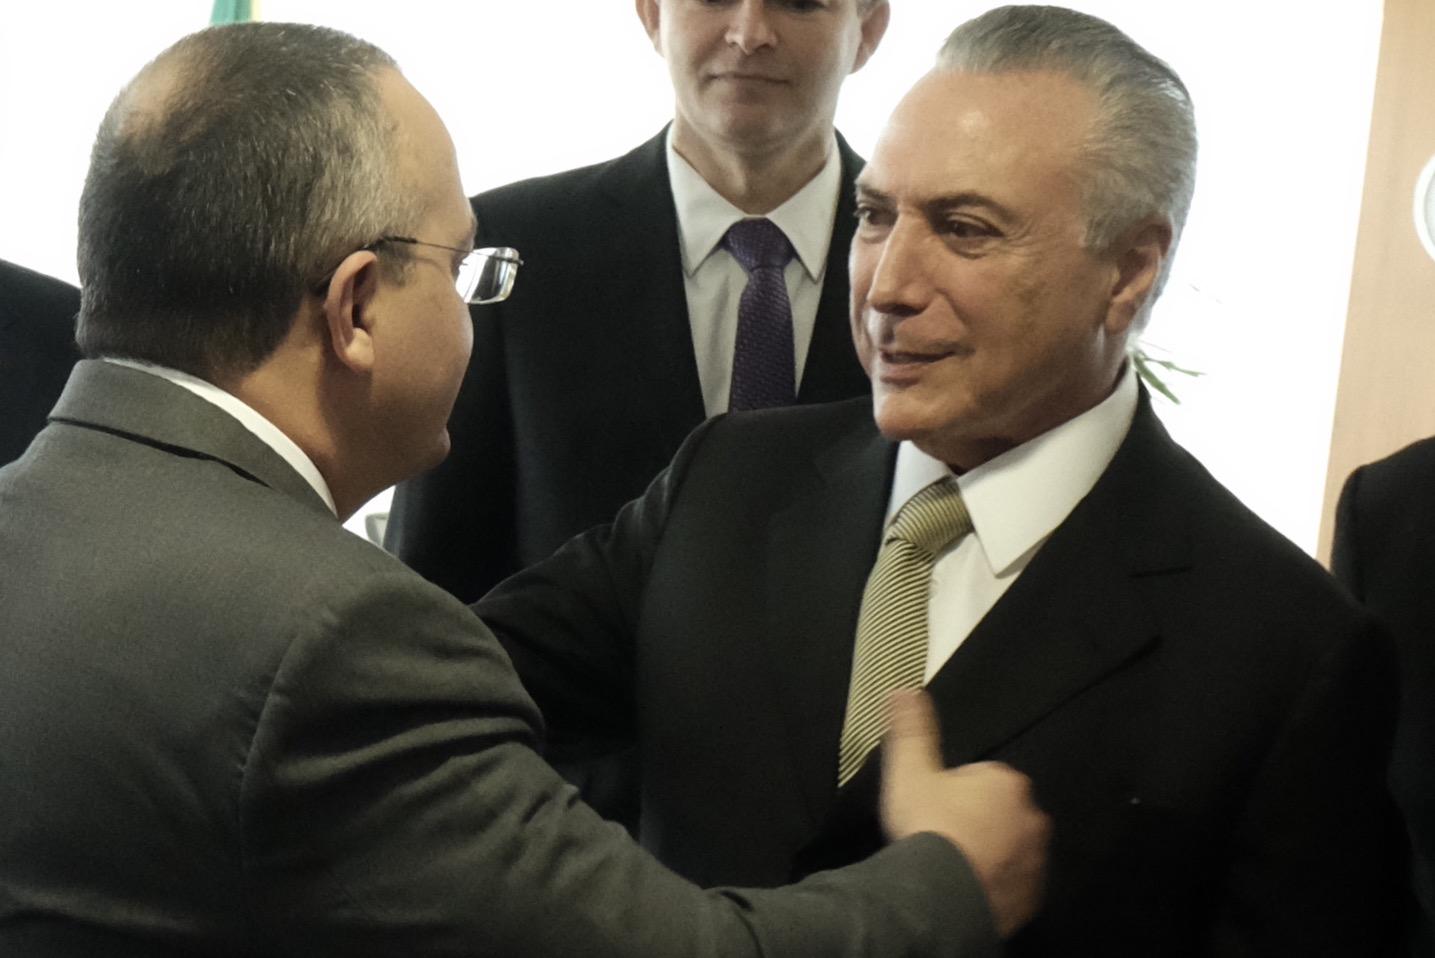 Taques se reúne com Temer para discutir renegociação de dívidas